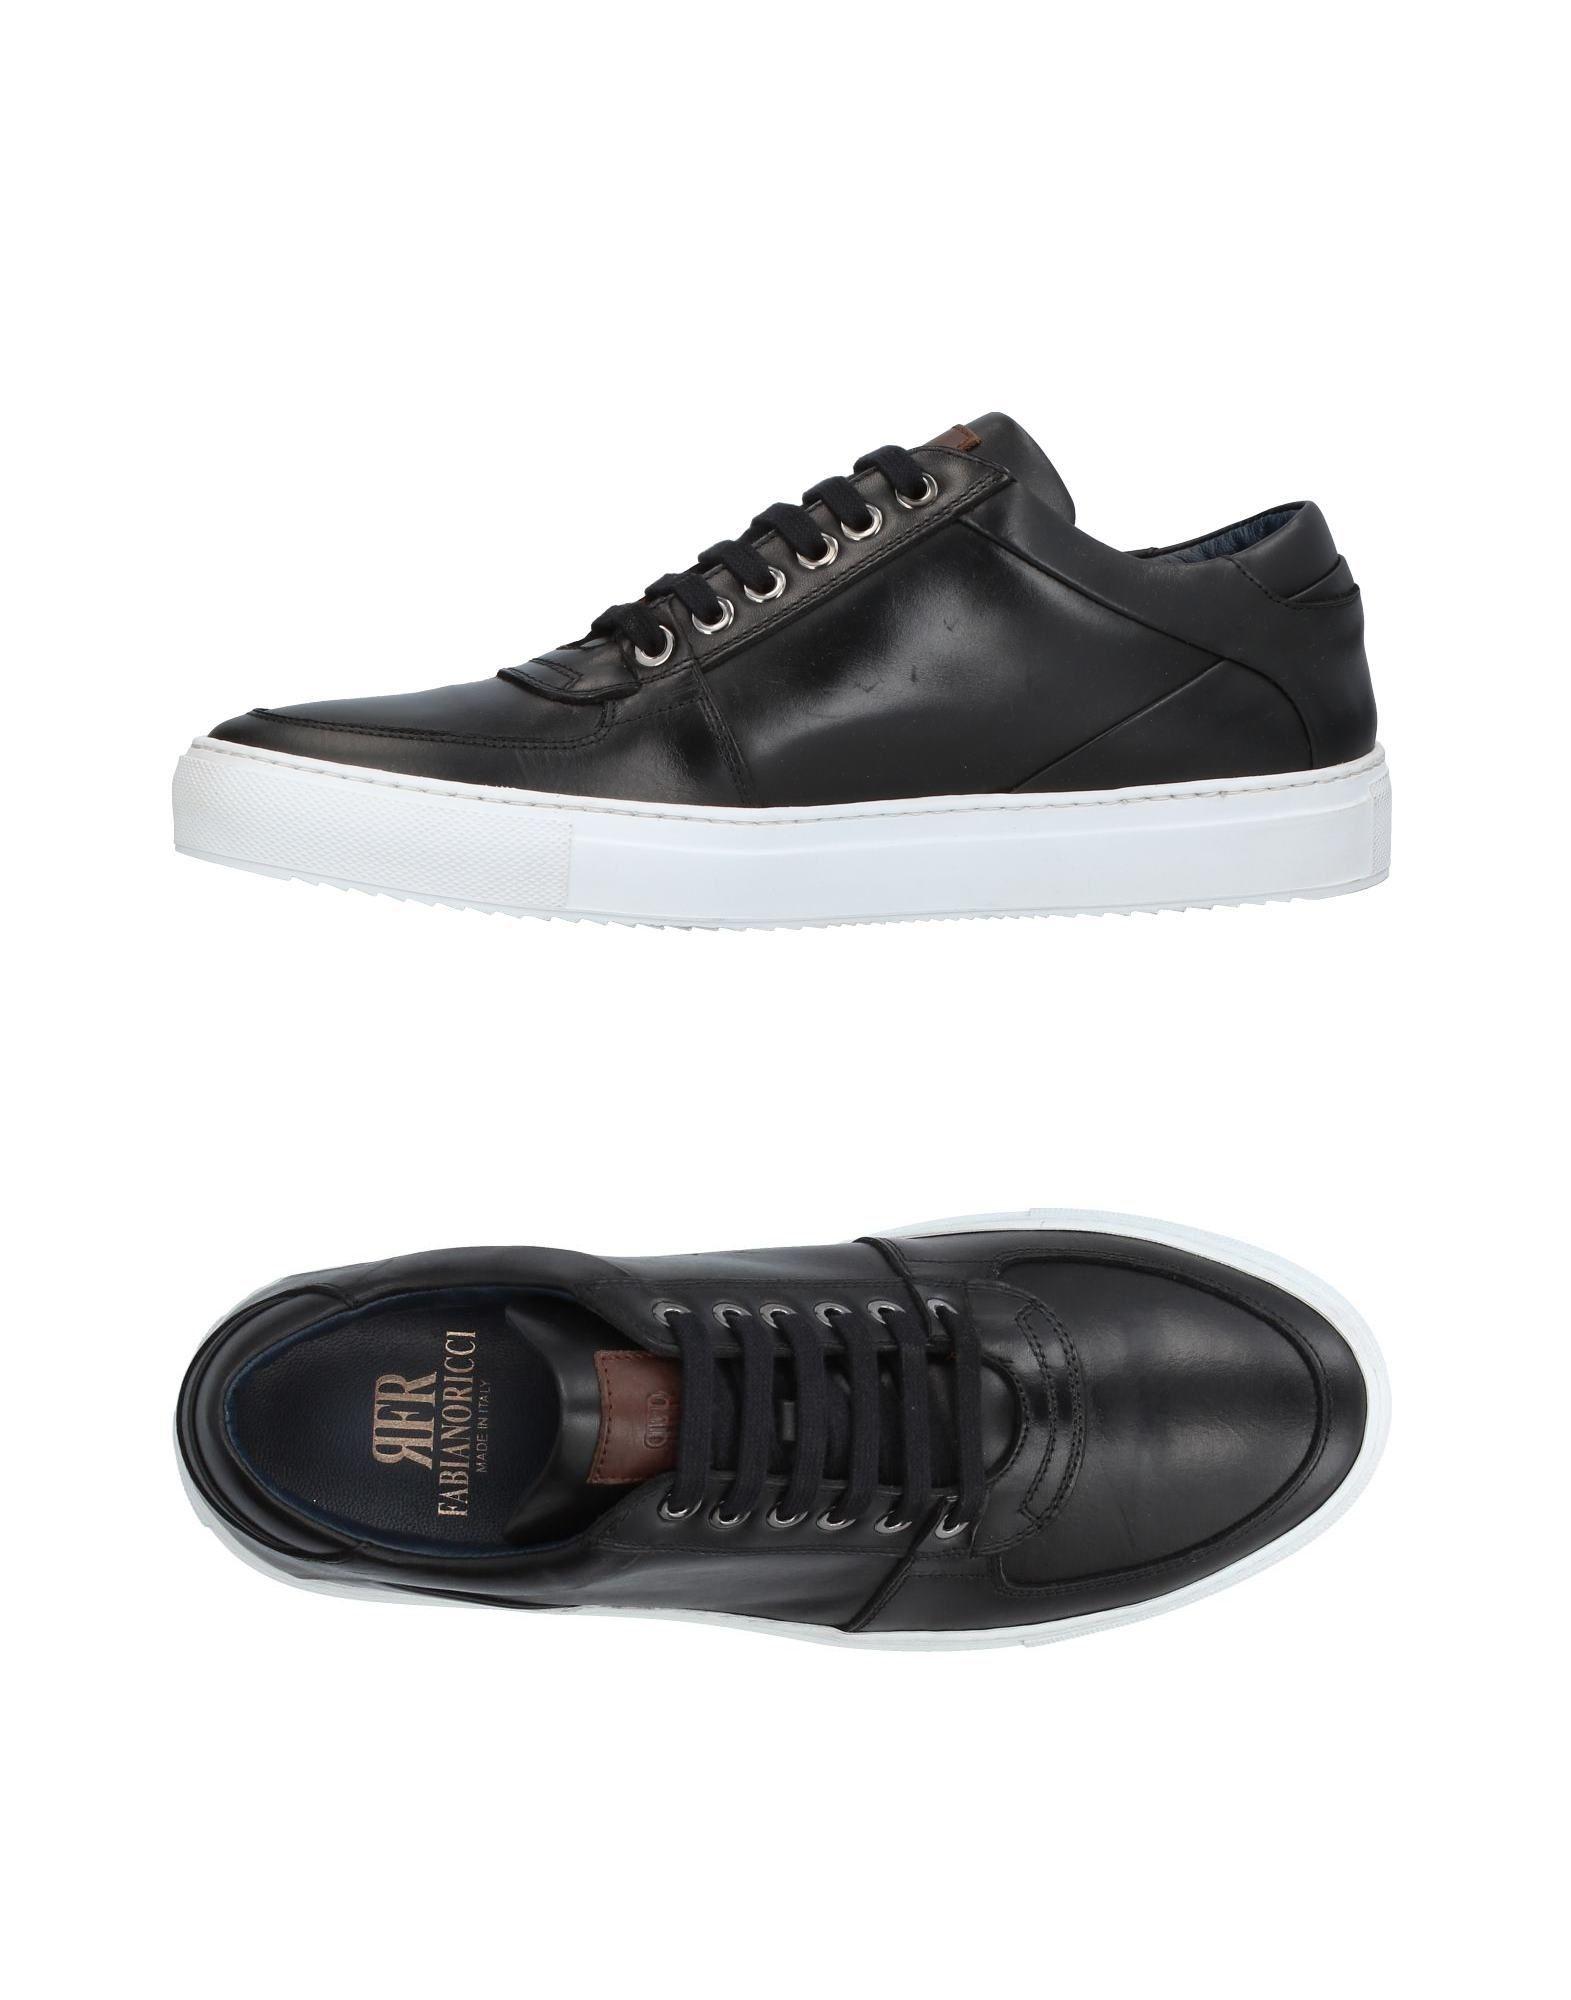 Rabatt Schuhe echte Schuhe Rabatt Fabiano Ricci Sneakers Herren  11375259EO e64c07